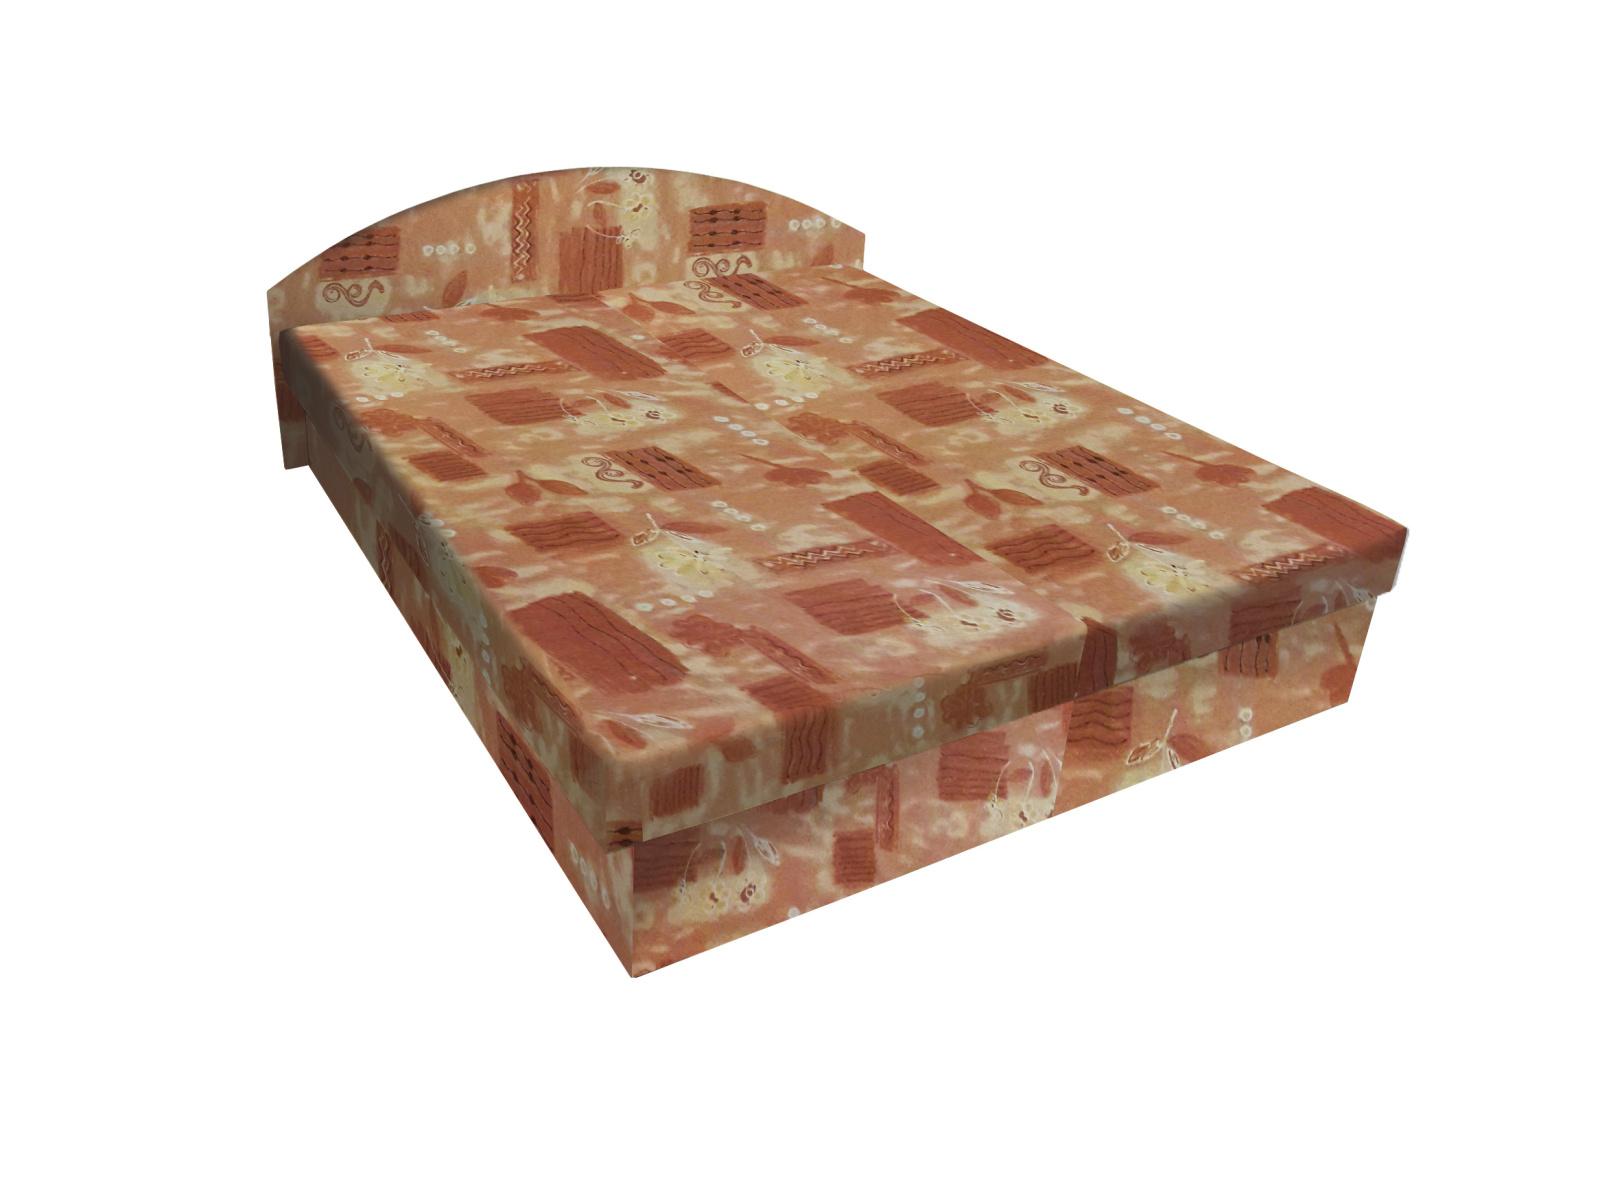 Smartshop Čalouněná postel ÁJA 120x200 cm, hnědá látka